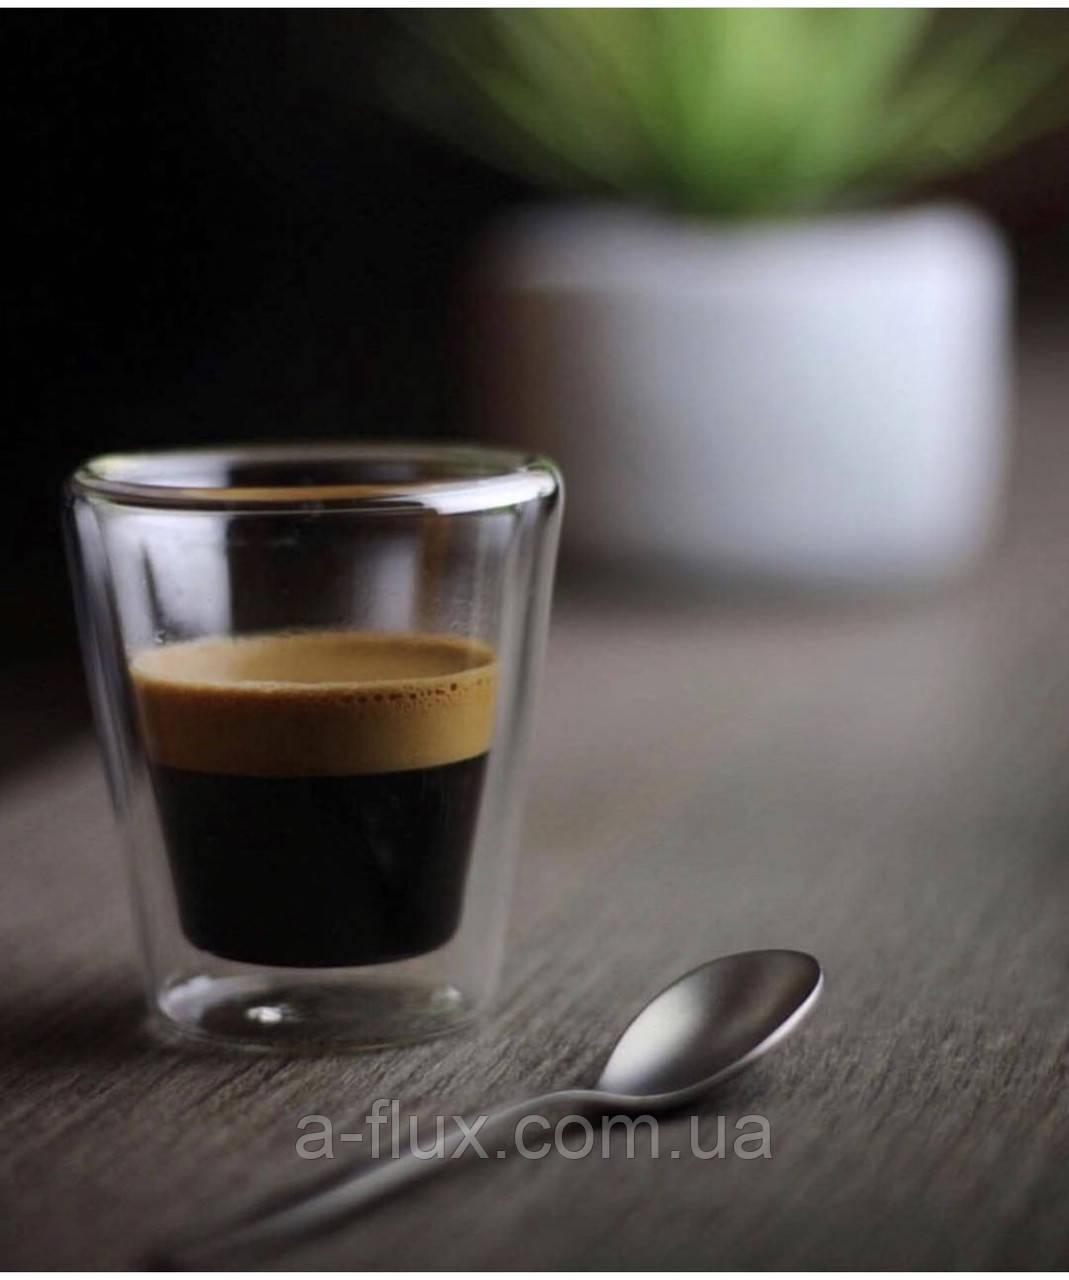 Стакан для эспрессо с двойной стенкой без ручки стекло 80 мл Гейша 16936-42